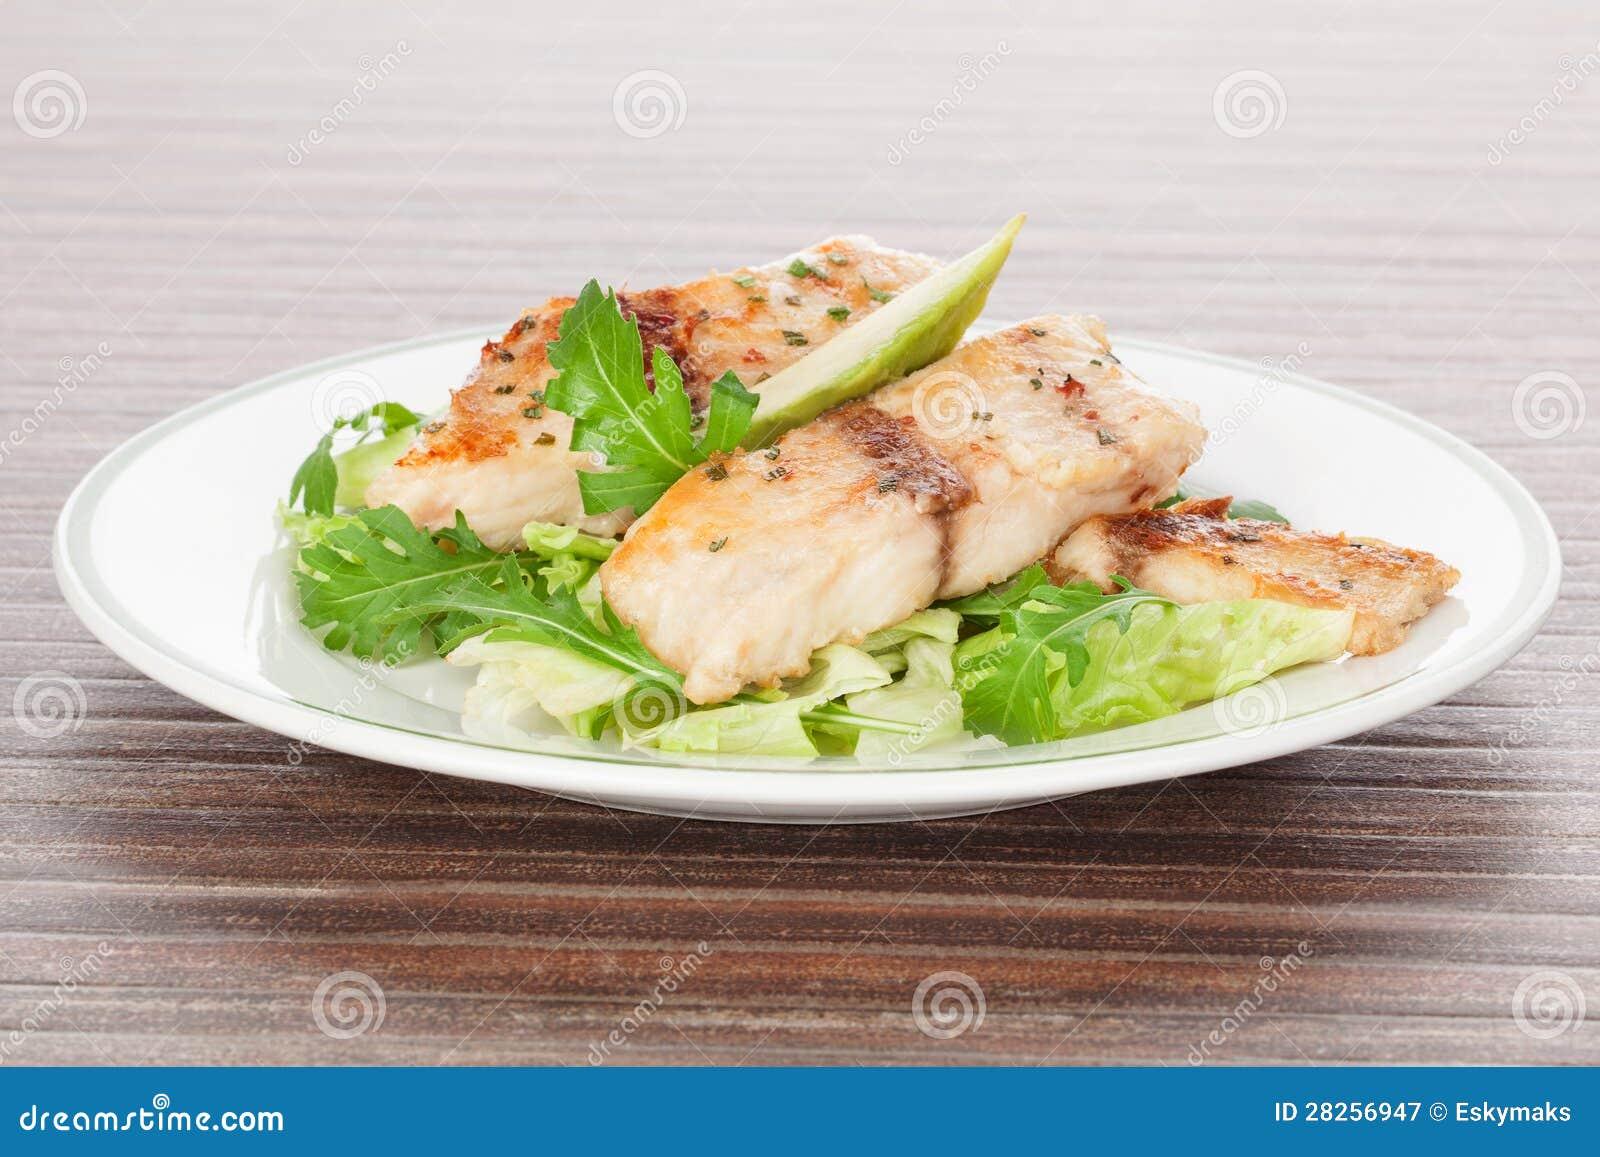 Grillad fisk och ny sallad.